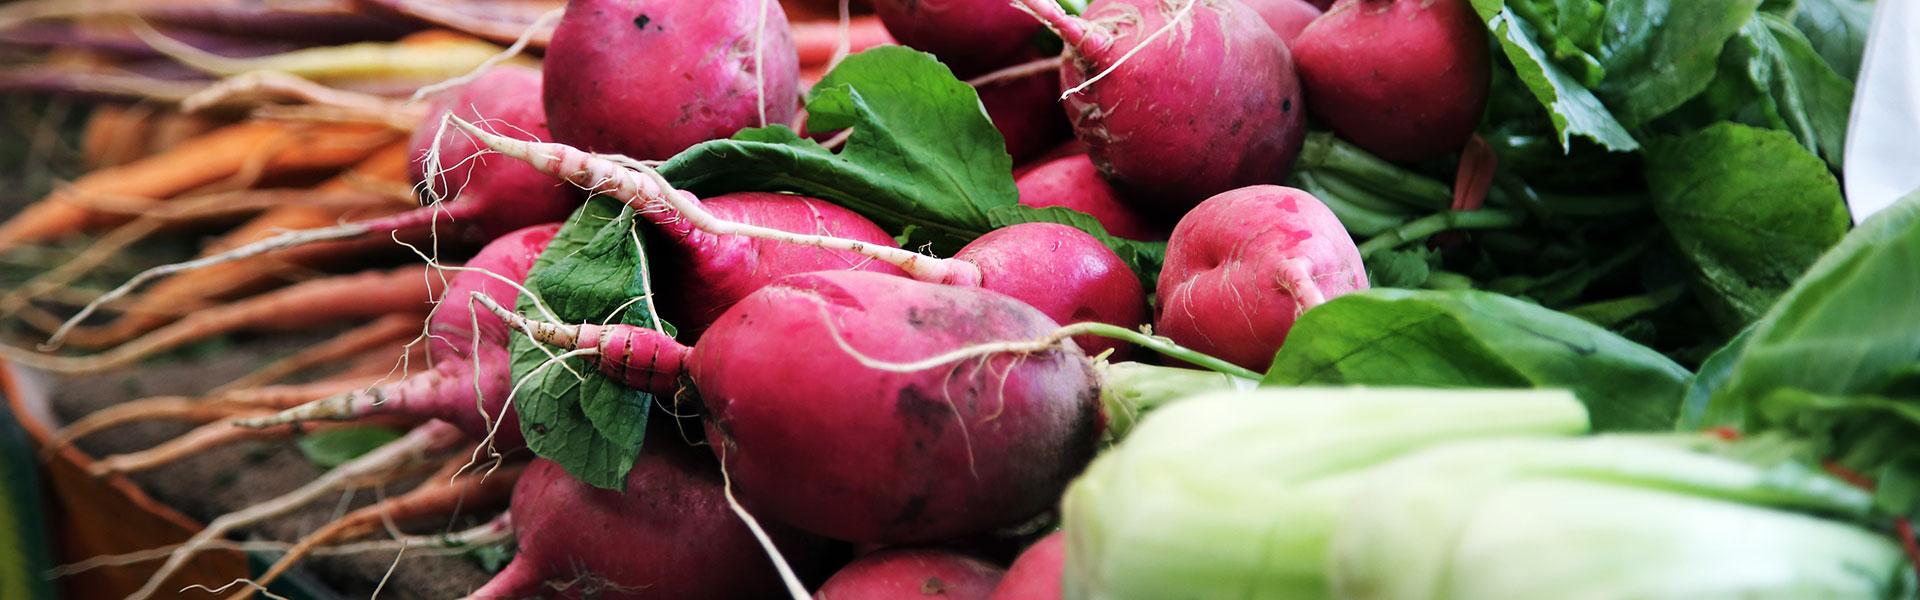 Kontakta Roslagsmat - Bild på grönsaker